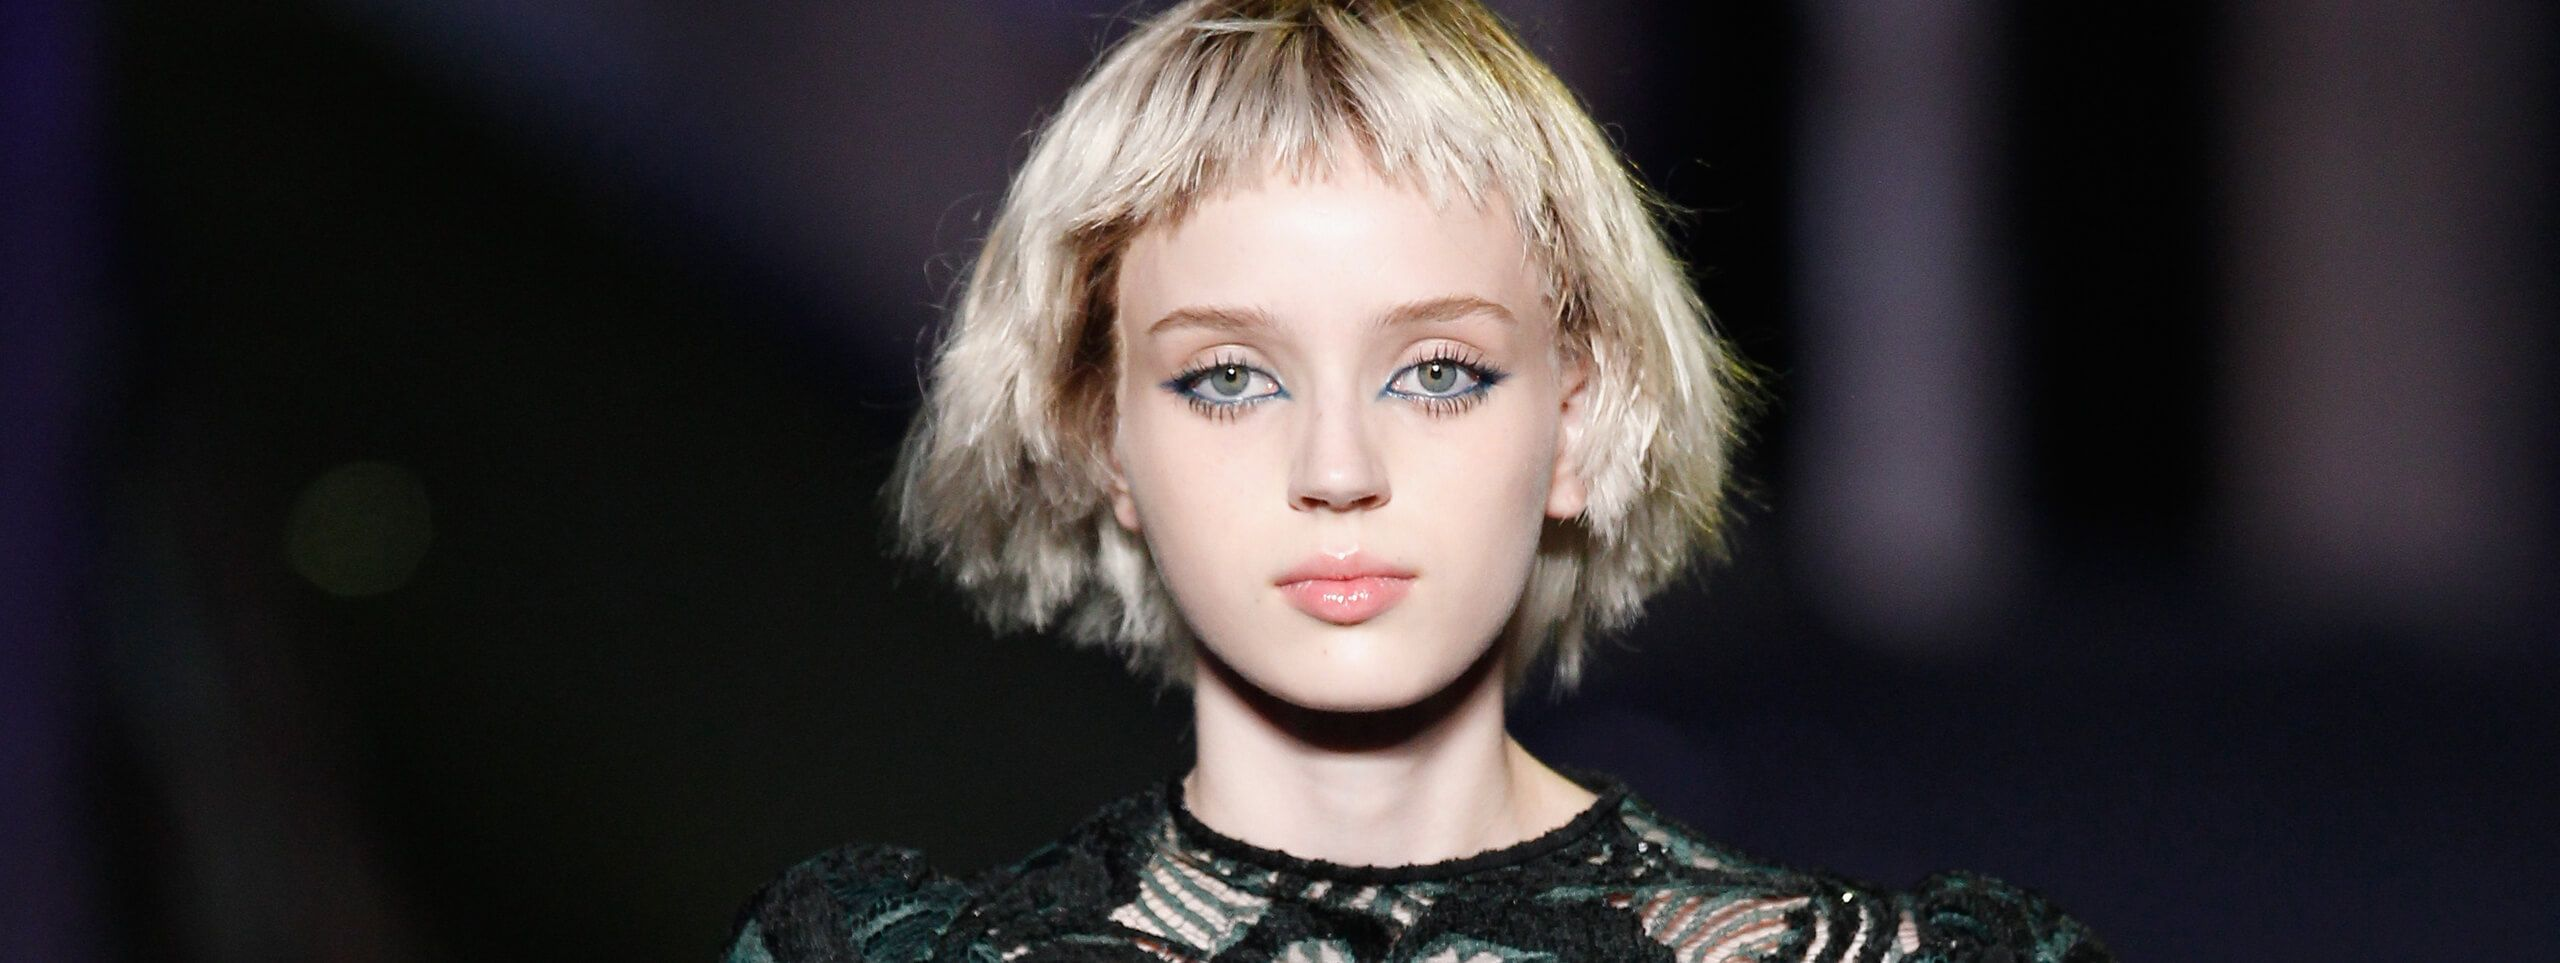 Modelka z oryginalną fryzurą bob stylizowana woskiem